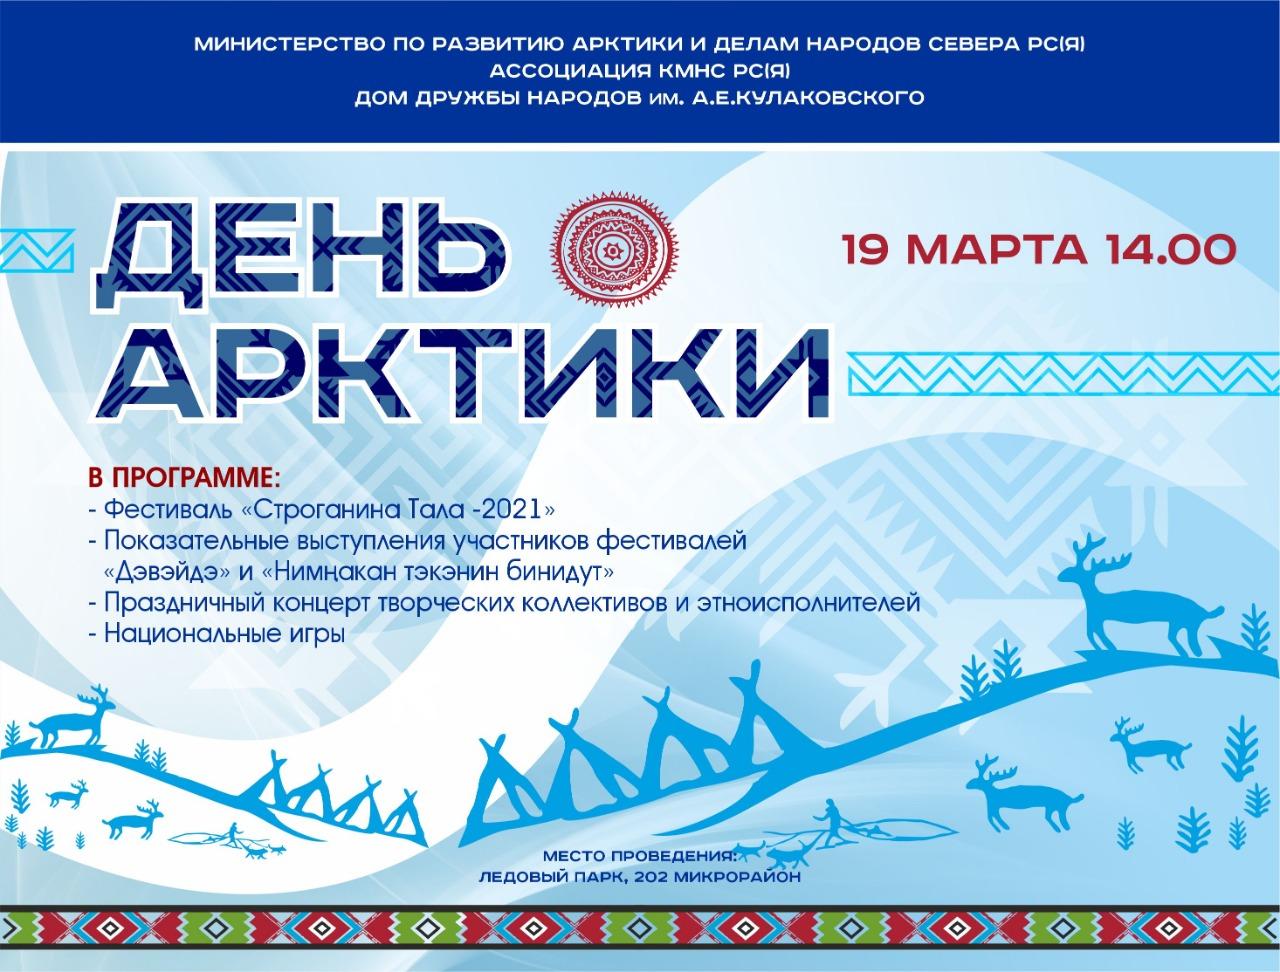 В Якутии отмечается День Арктики